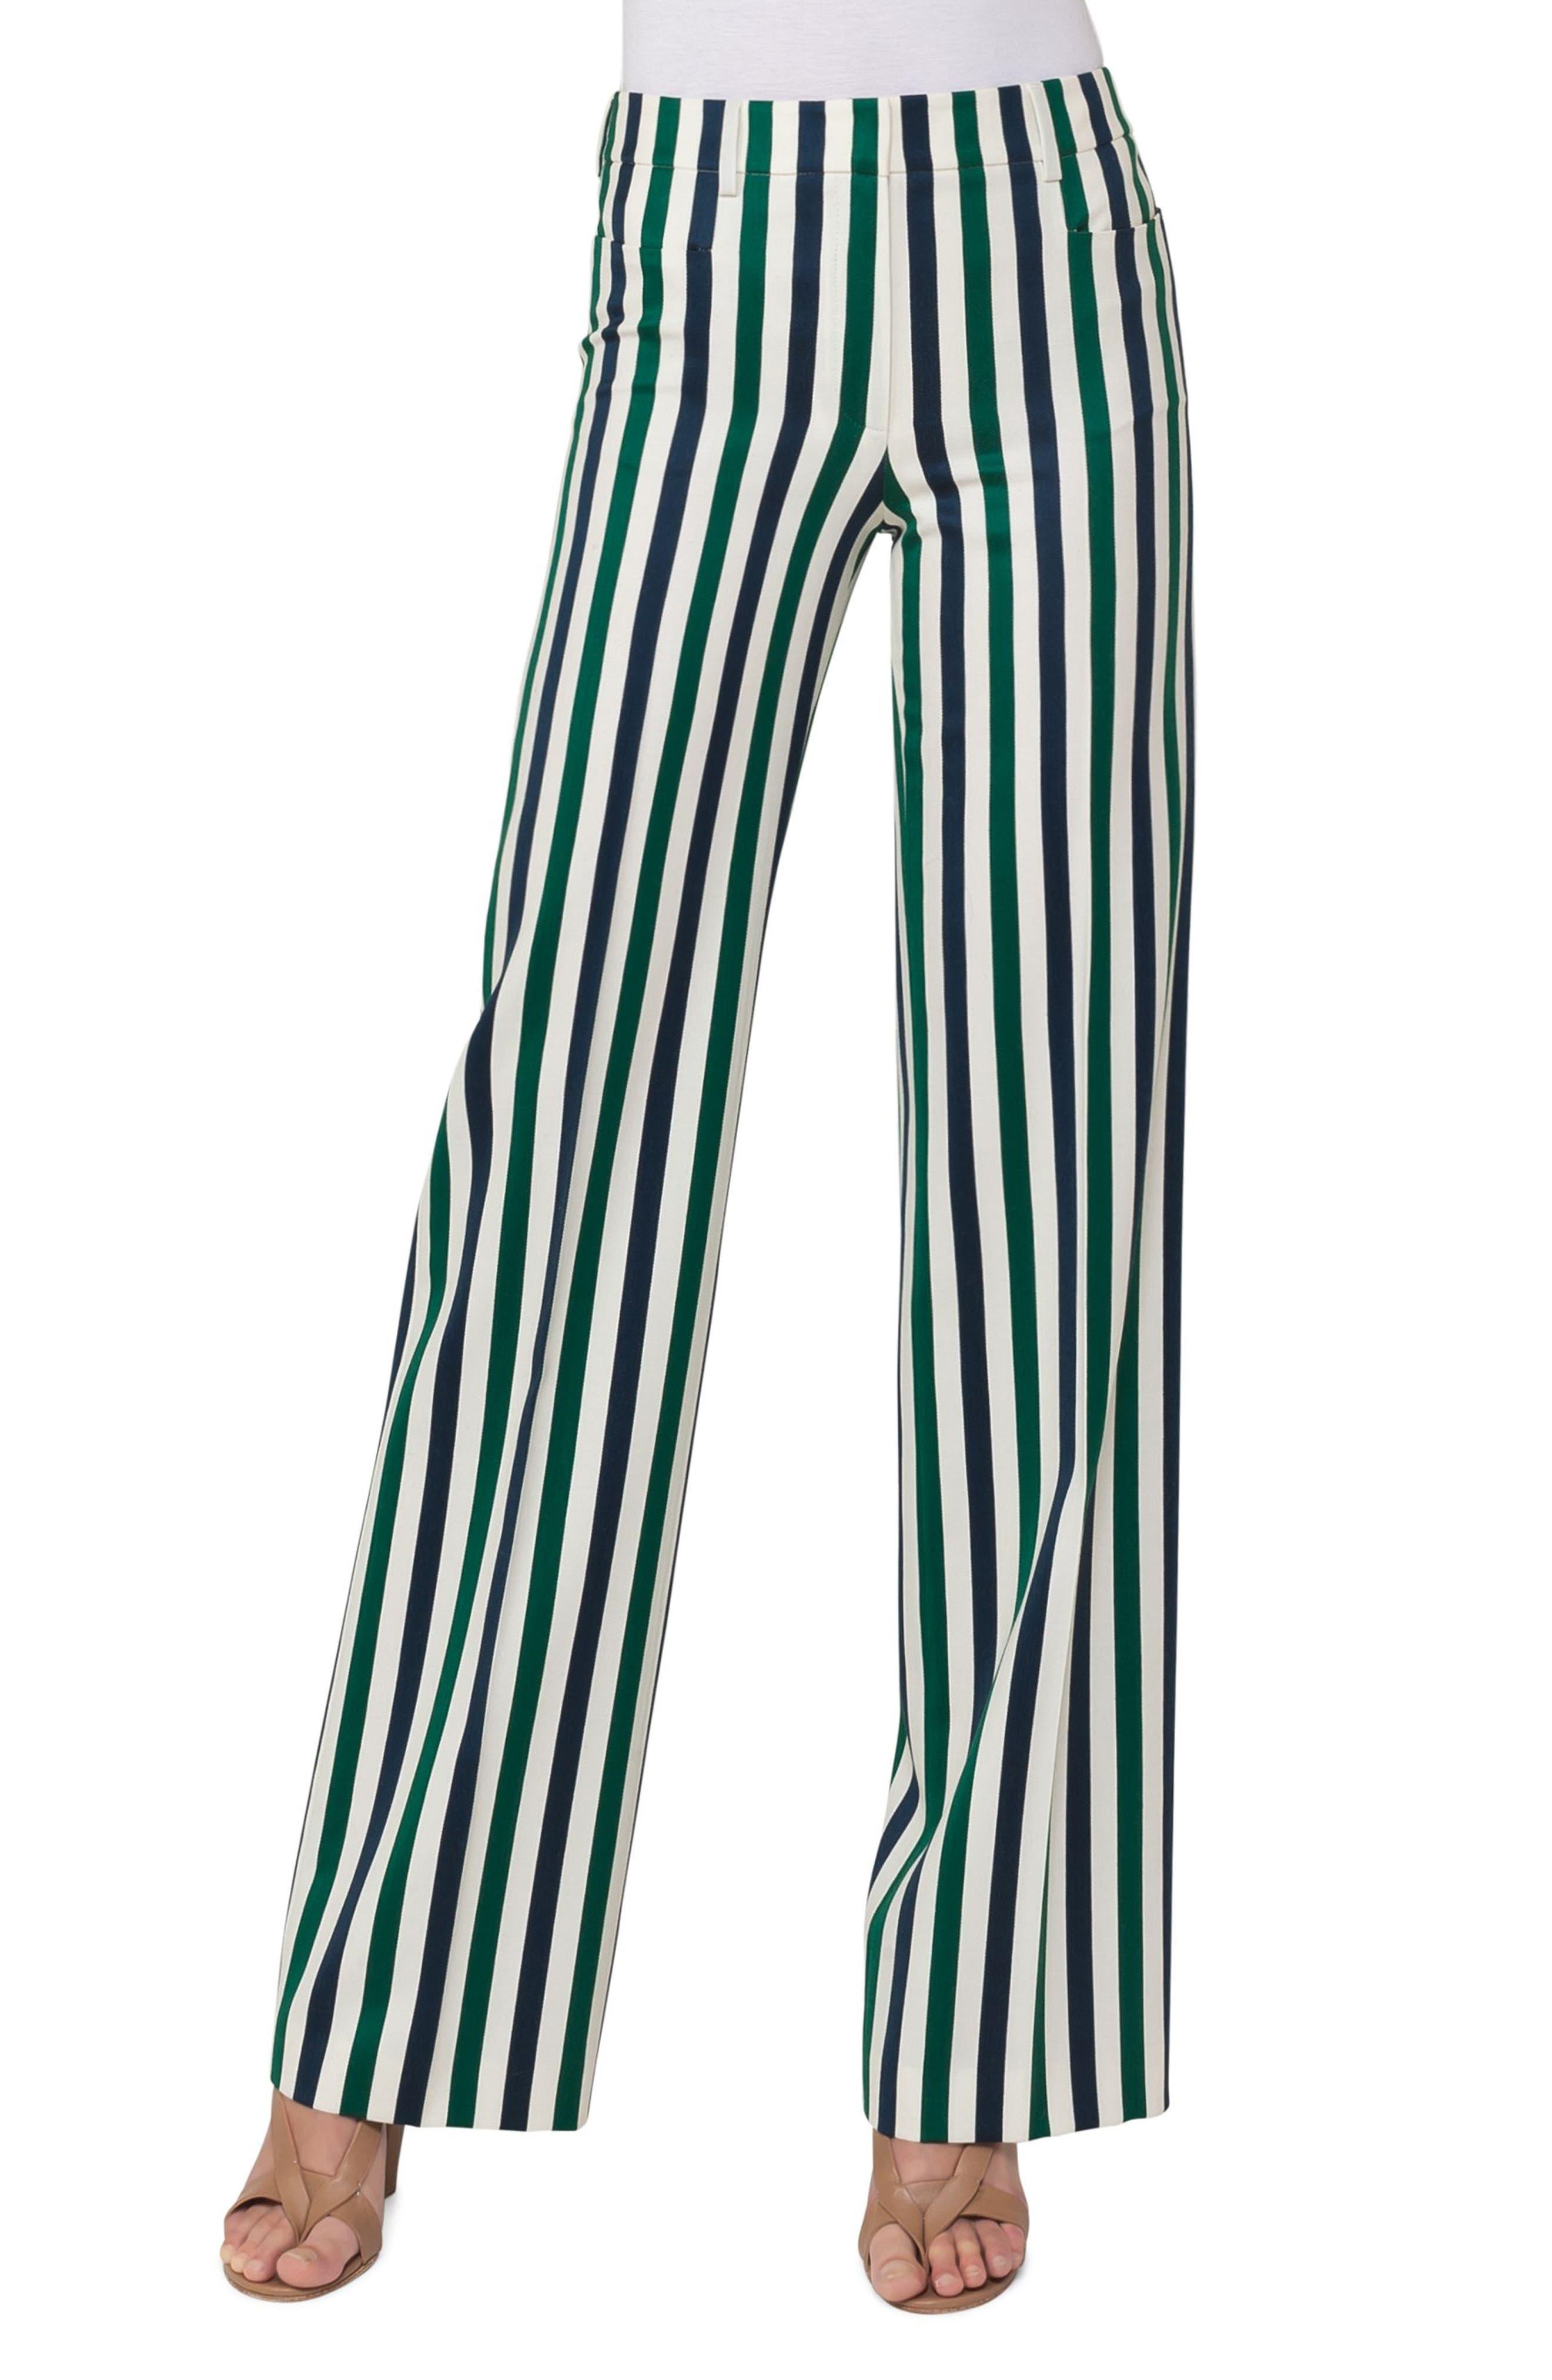 Mikka Stripe Pants,                         Main,                         color, Blue/ Emerald/ Guave